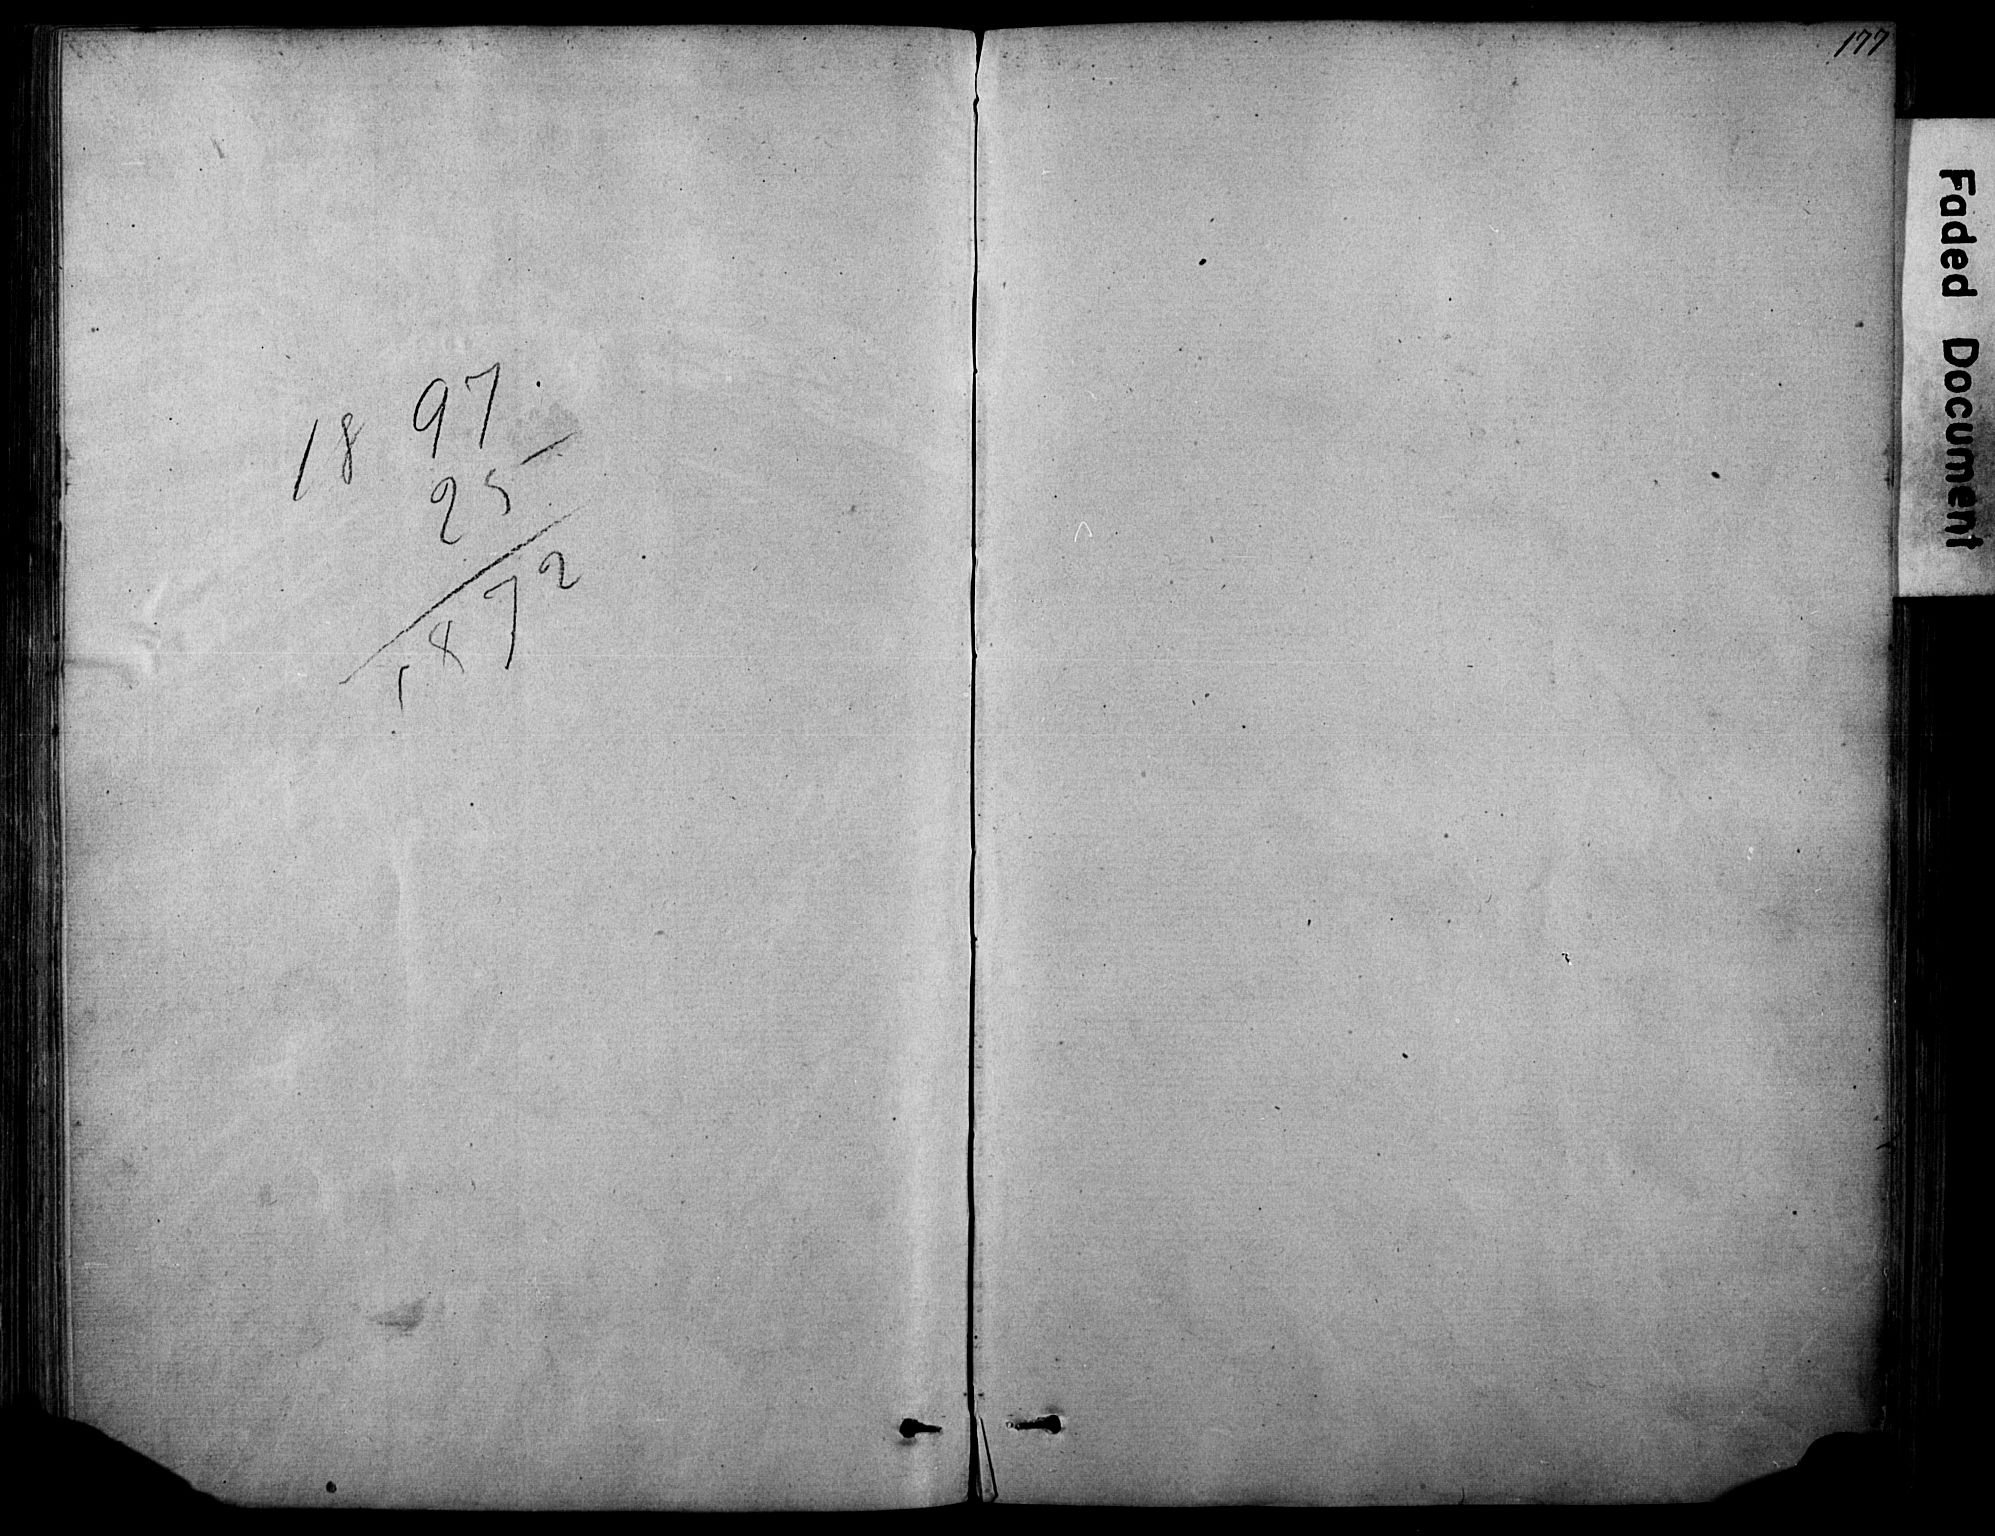 SAKO, Sannidal kirkebøker, F/Fa/L0014: Ministerialbok nr. 14, 1874-1883, s. 177